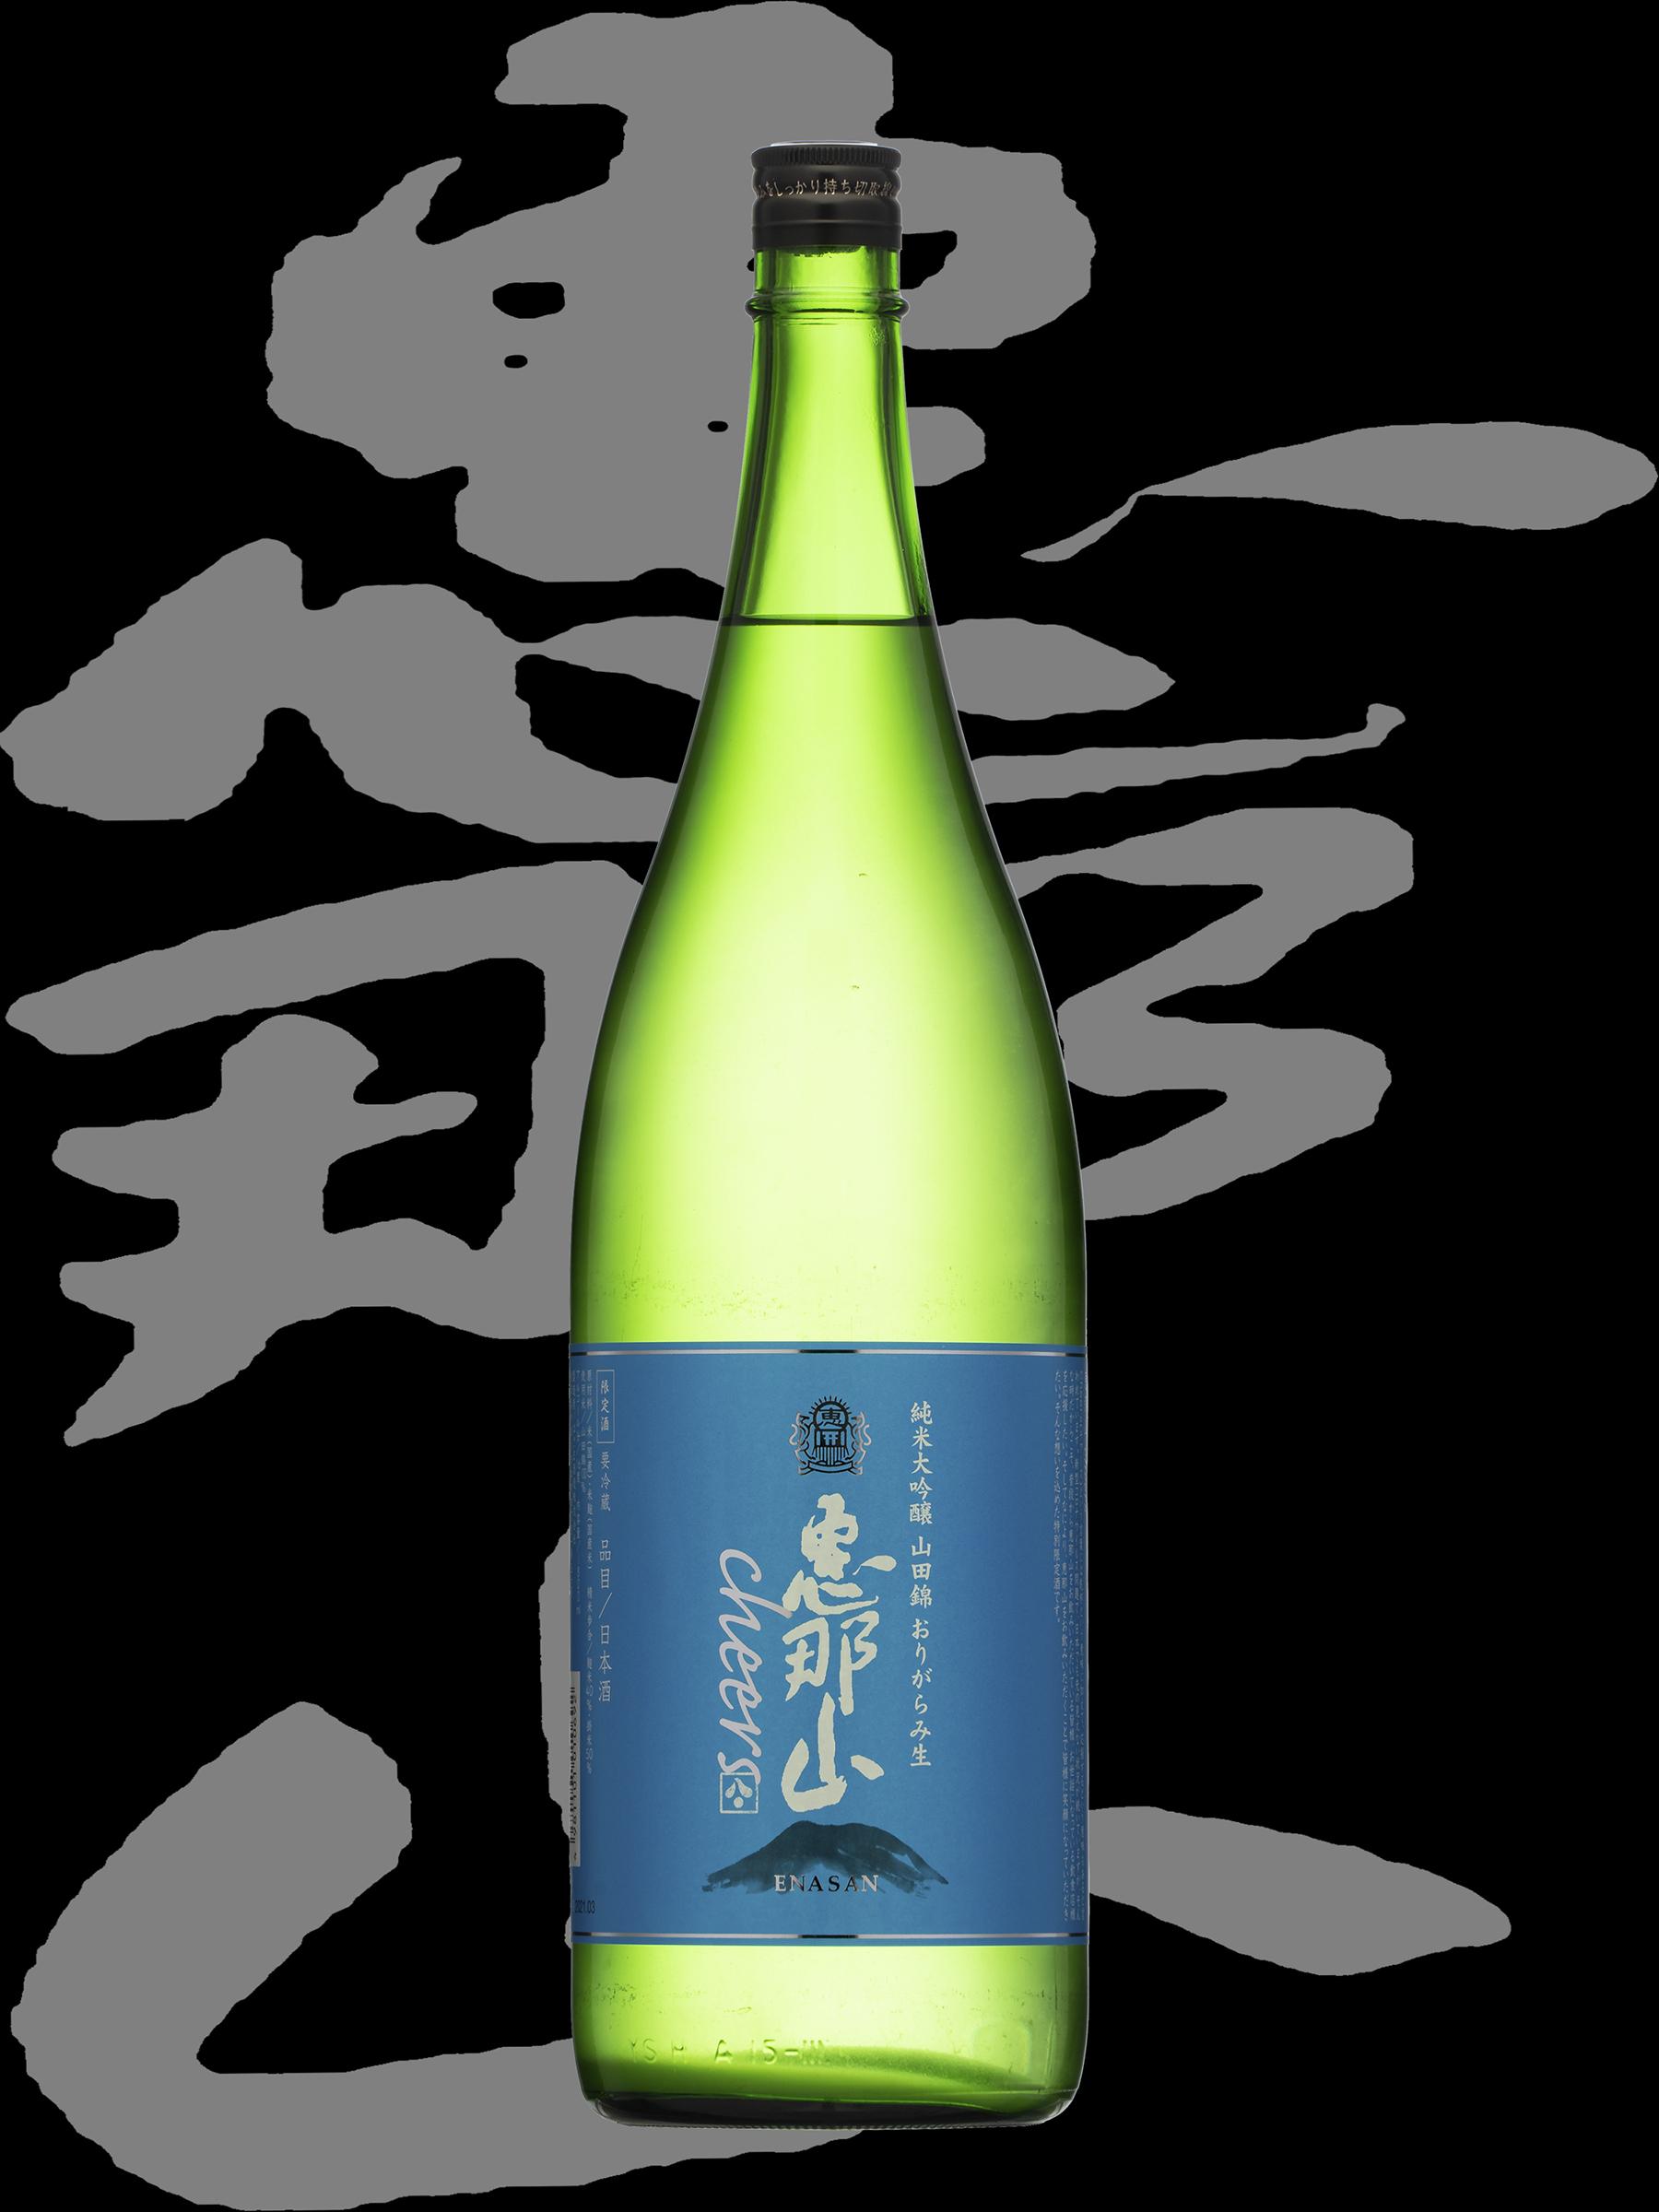 恵那山(えなさん)「純米大吟醸」cheers山田錦おりがらみ生